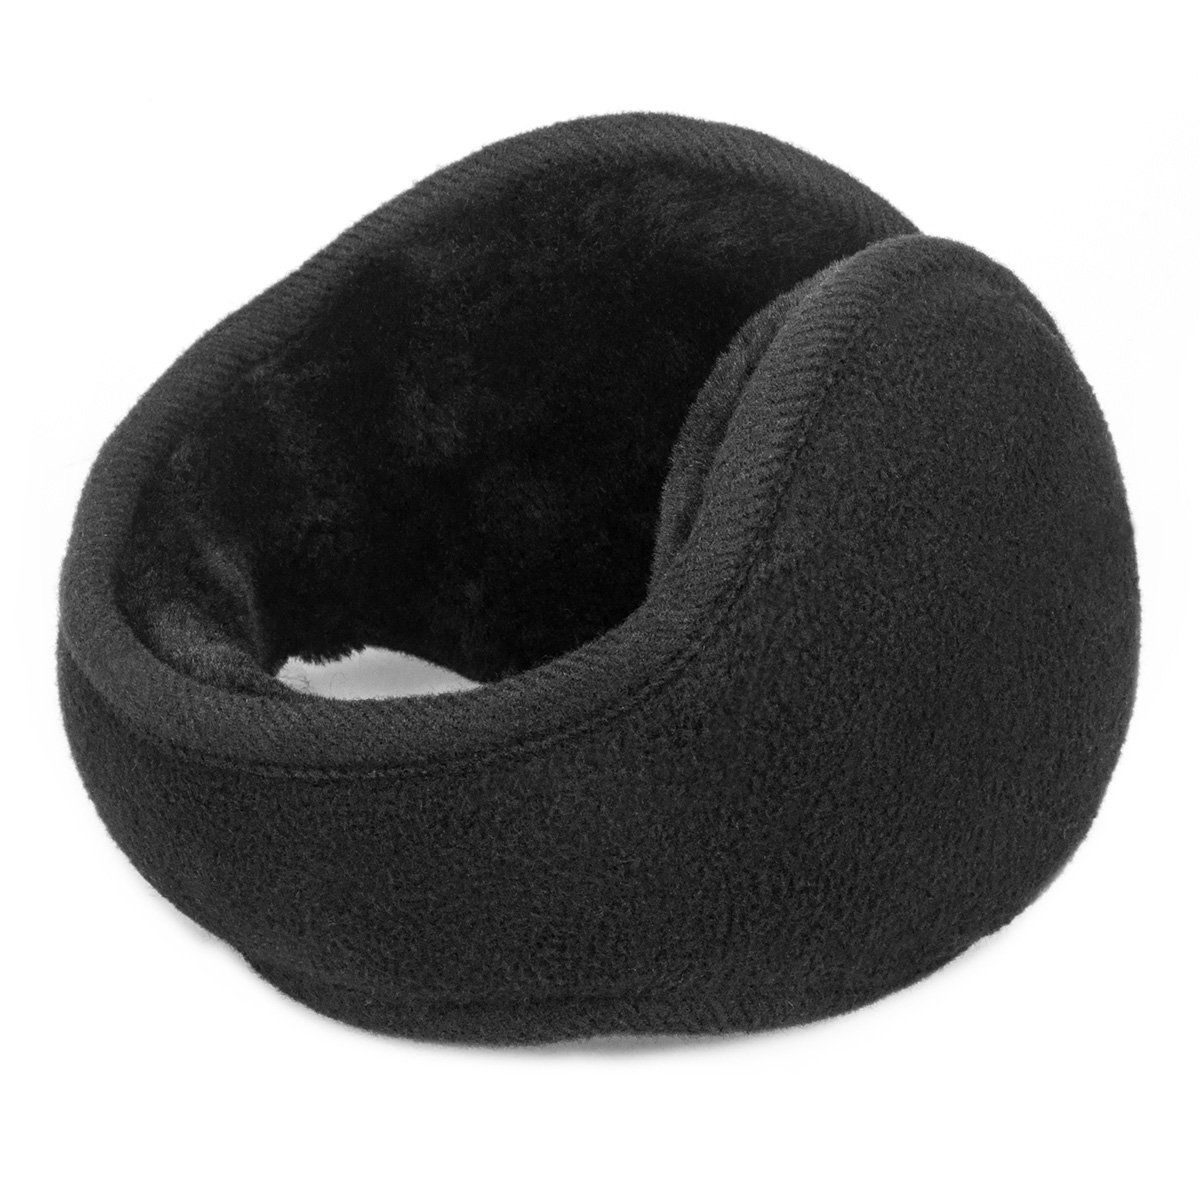 Men//Women Winter Outdoors Warm Fleece Plush Ear Wamer Foldable Earmuffs